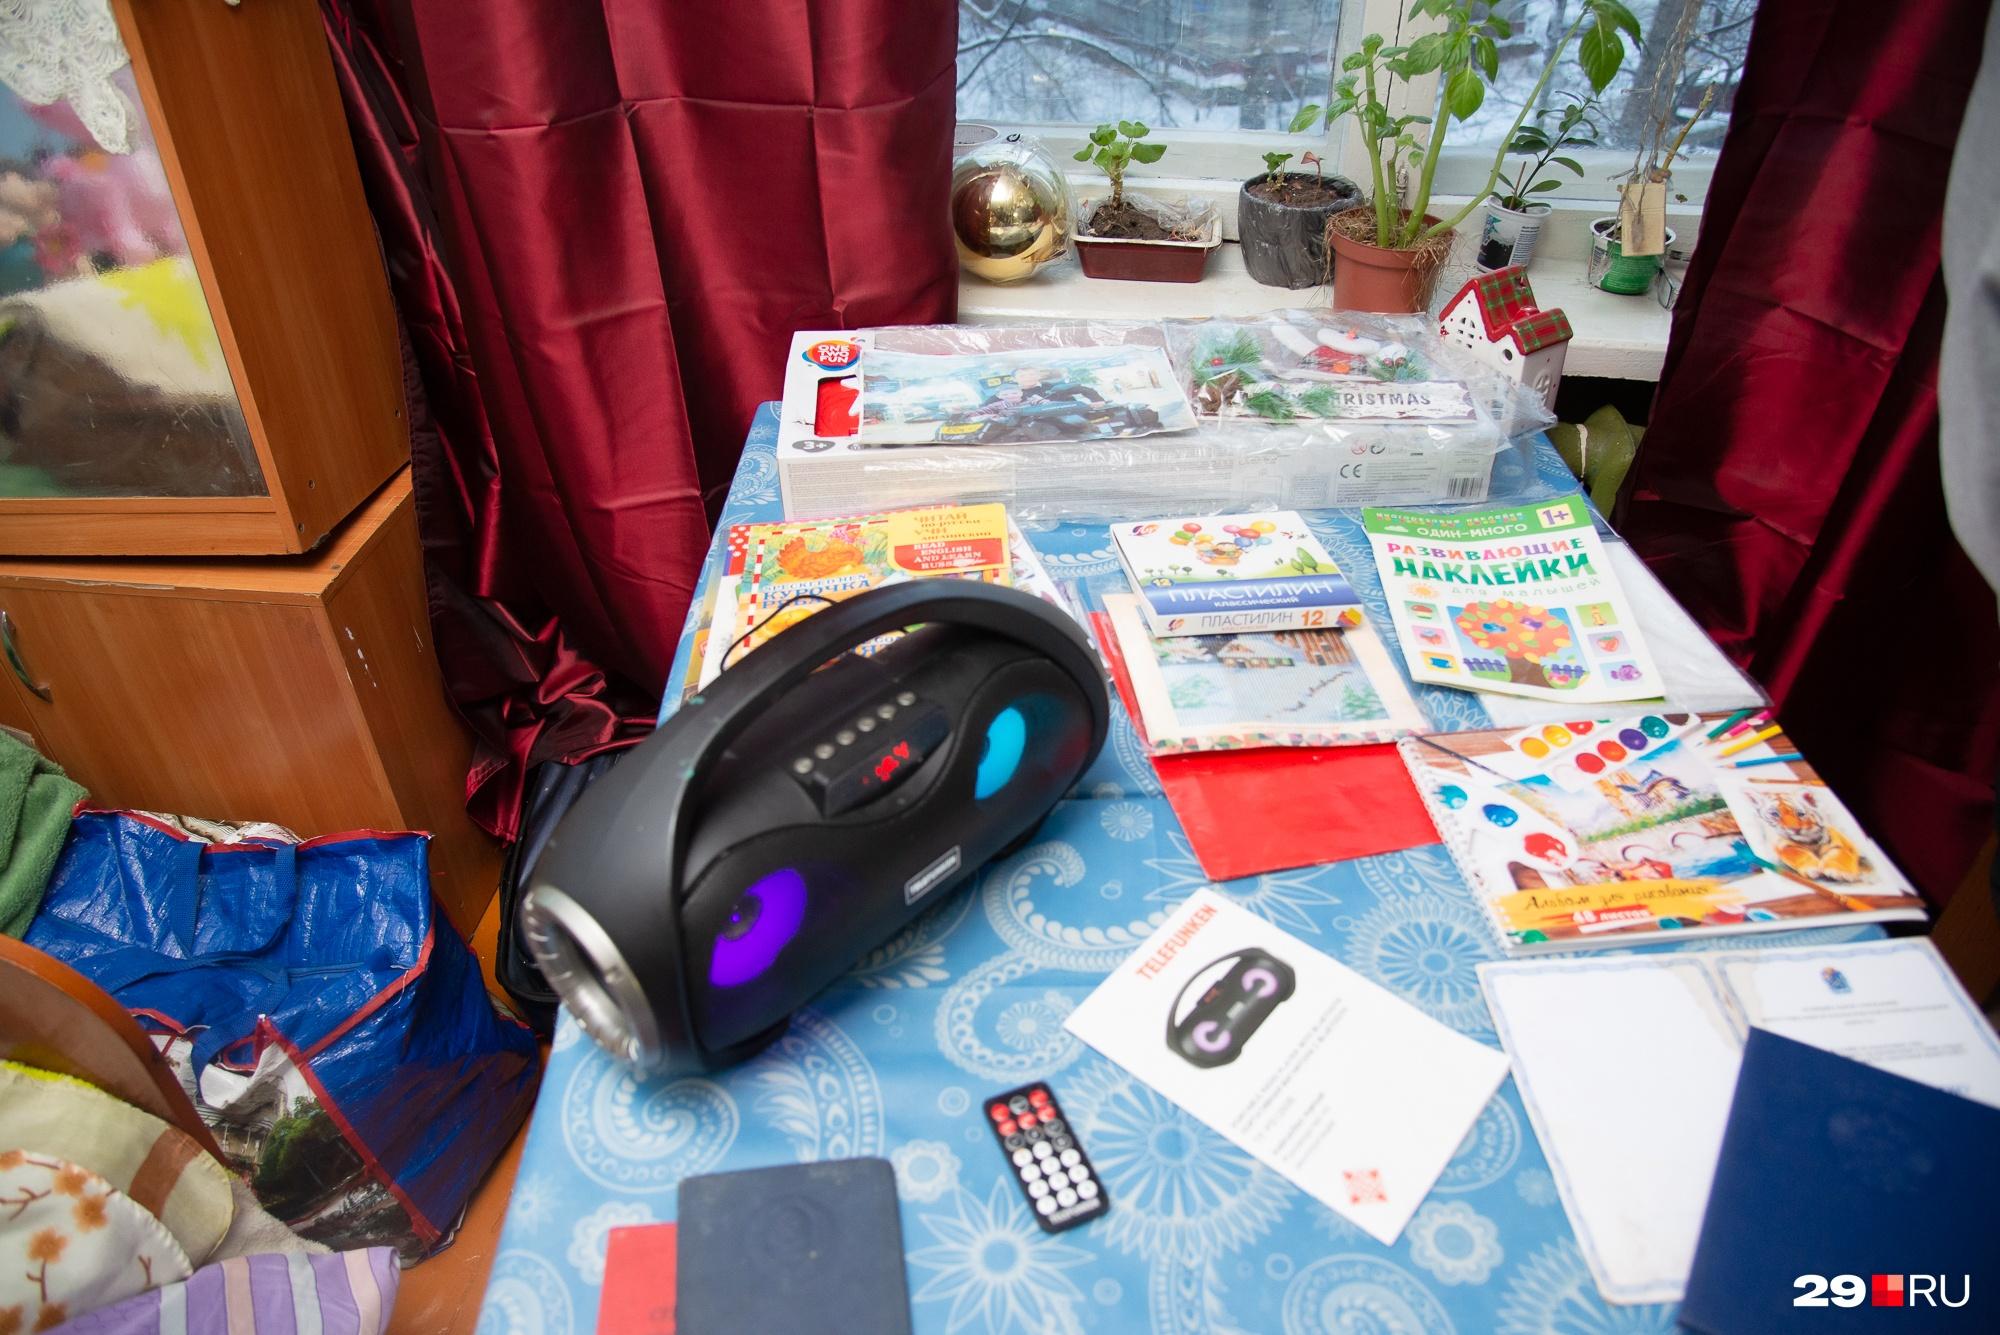 Для досуга ребенка в квартире есть учебные пособия и игрушки